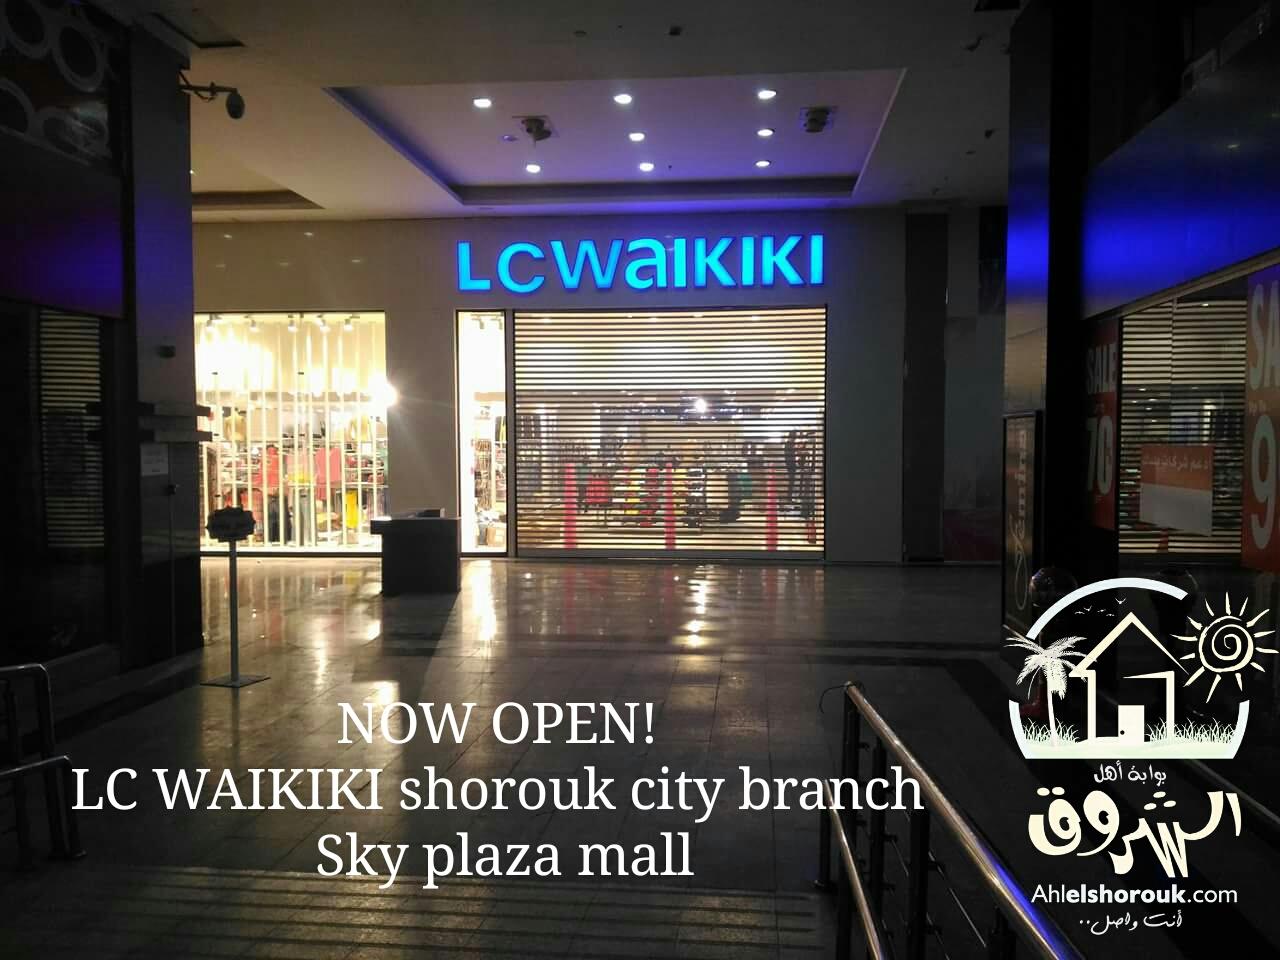 إفتتاح أكبر فرع لسلسلة محلات ملابس Lc waikiki بالشروق